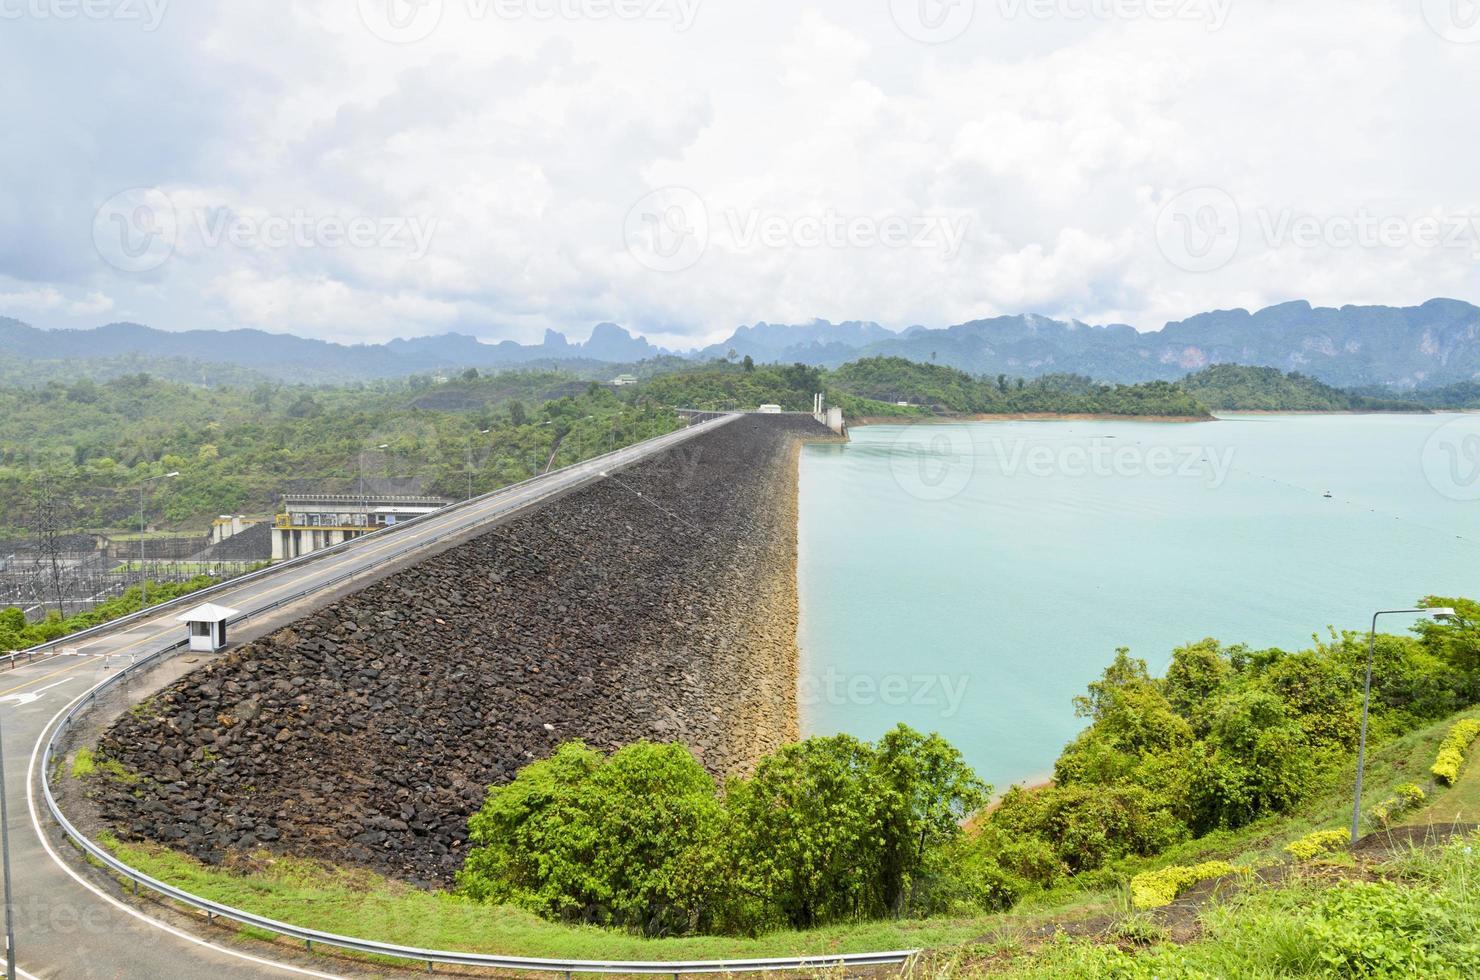 Aussichtspunkt am Ratchaprapha-Damm. foto